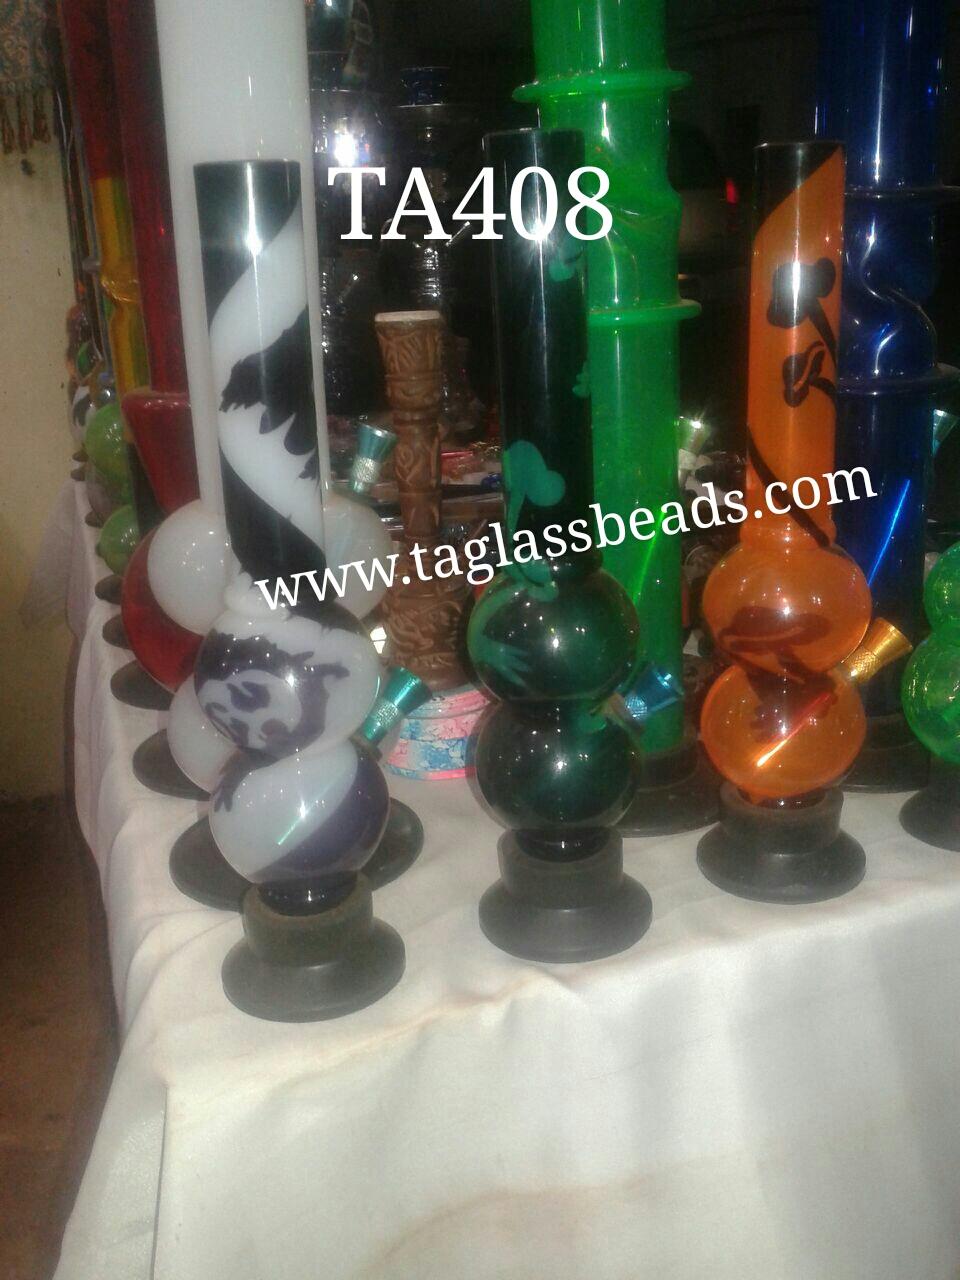 Price US$ 6